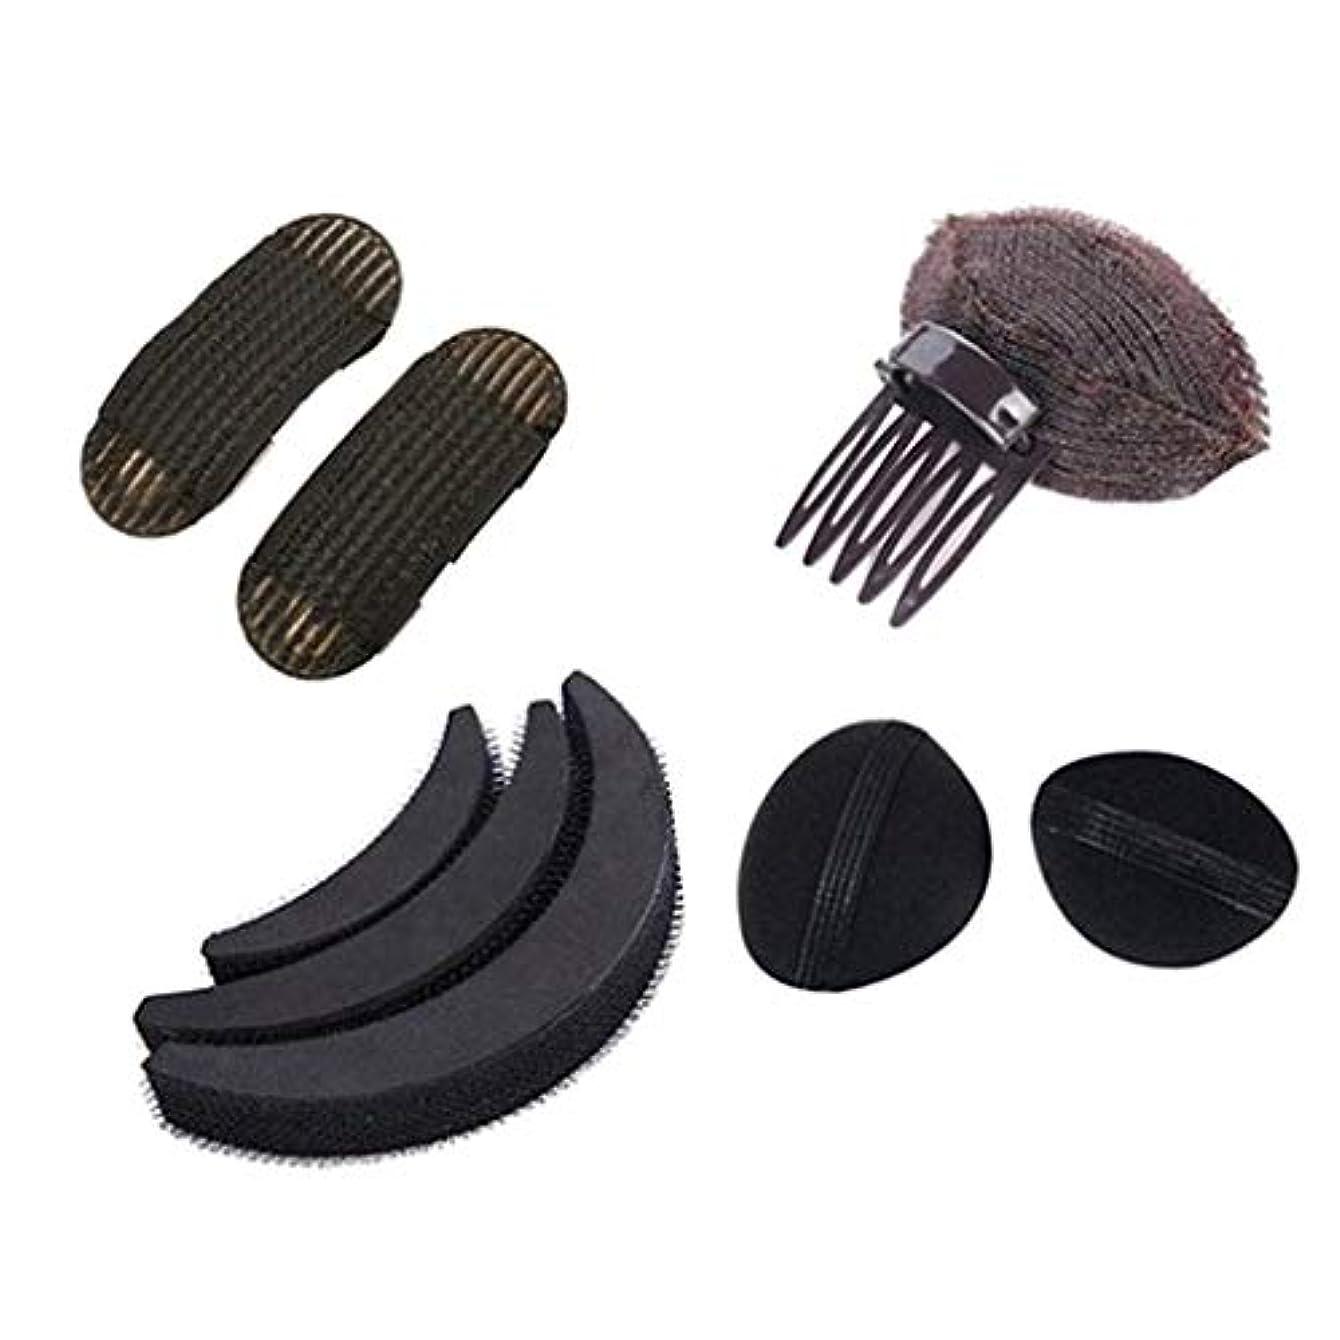 神話ピュー電気女性 ヘアスタイリングキット 髪型作成 ヘアスタイルツール 美容室サロン ブラック 4種類 - B